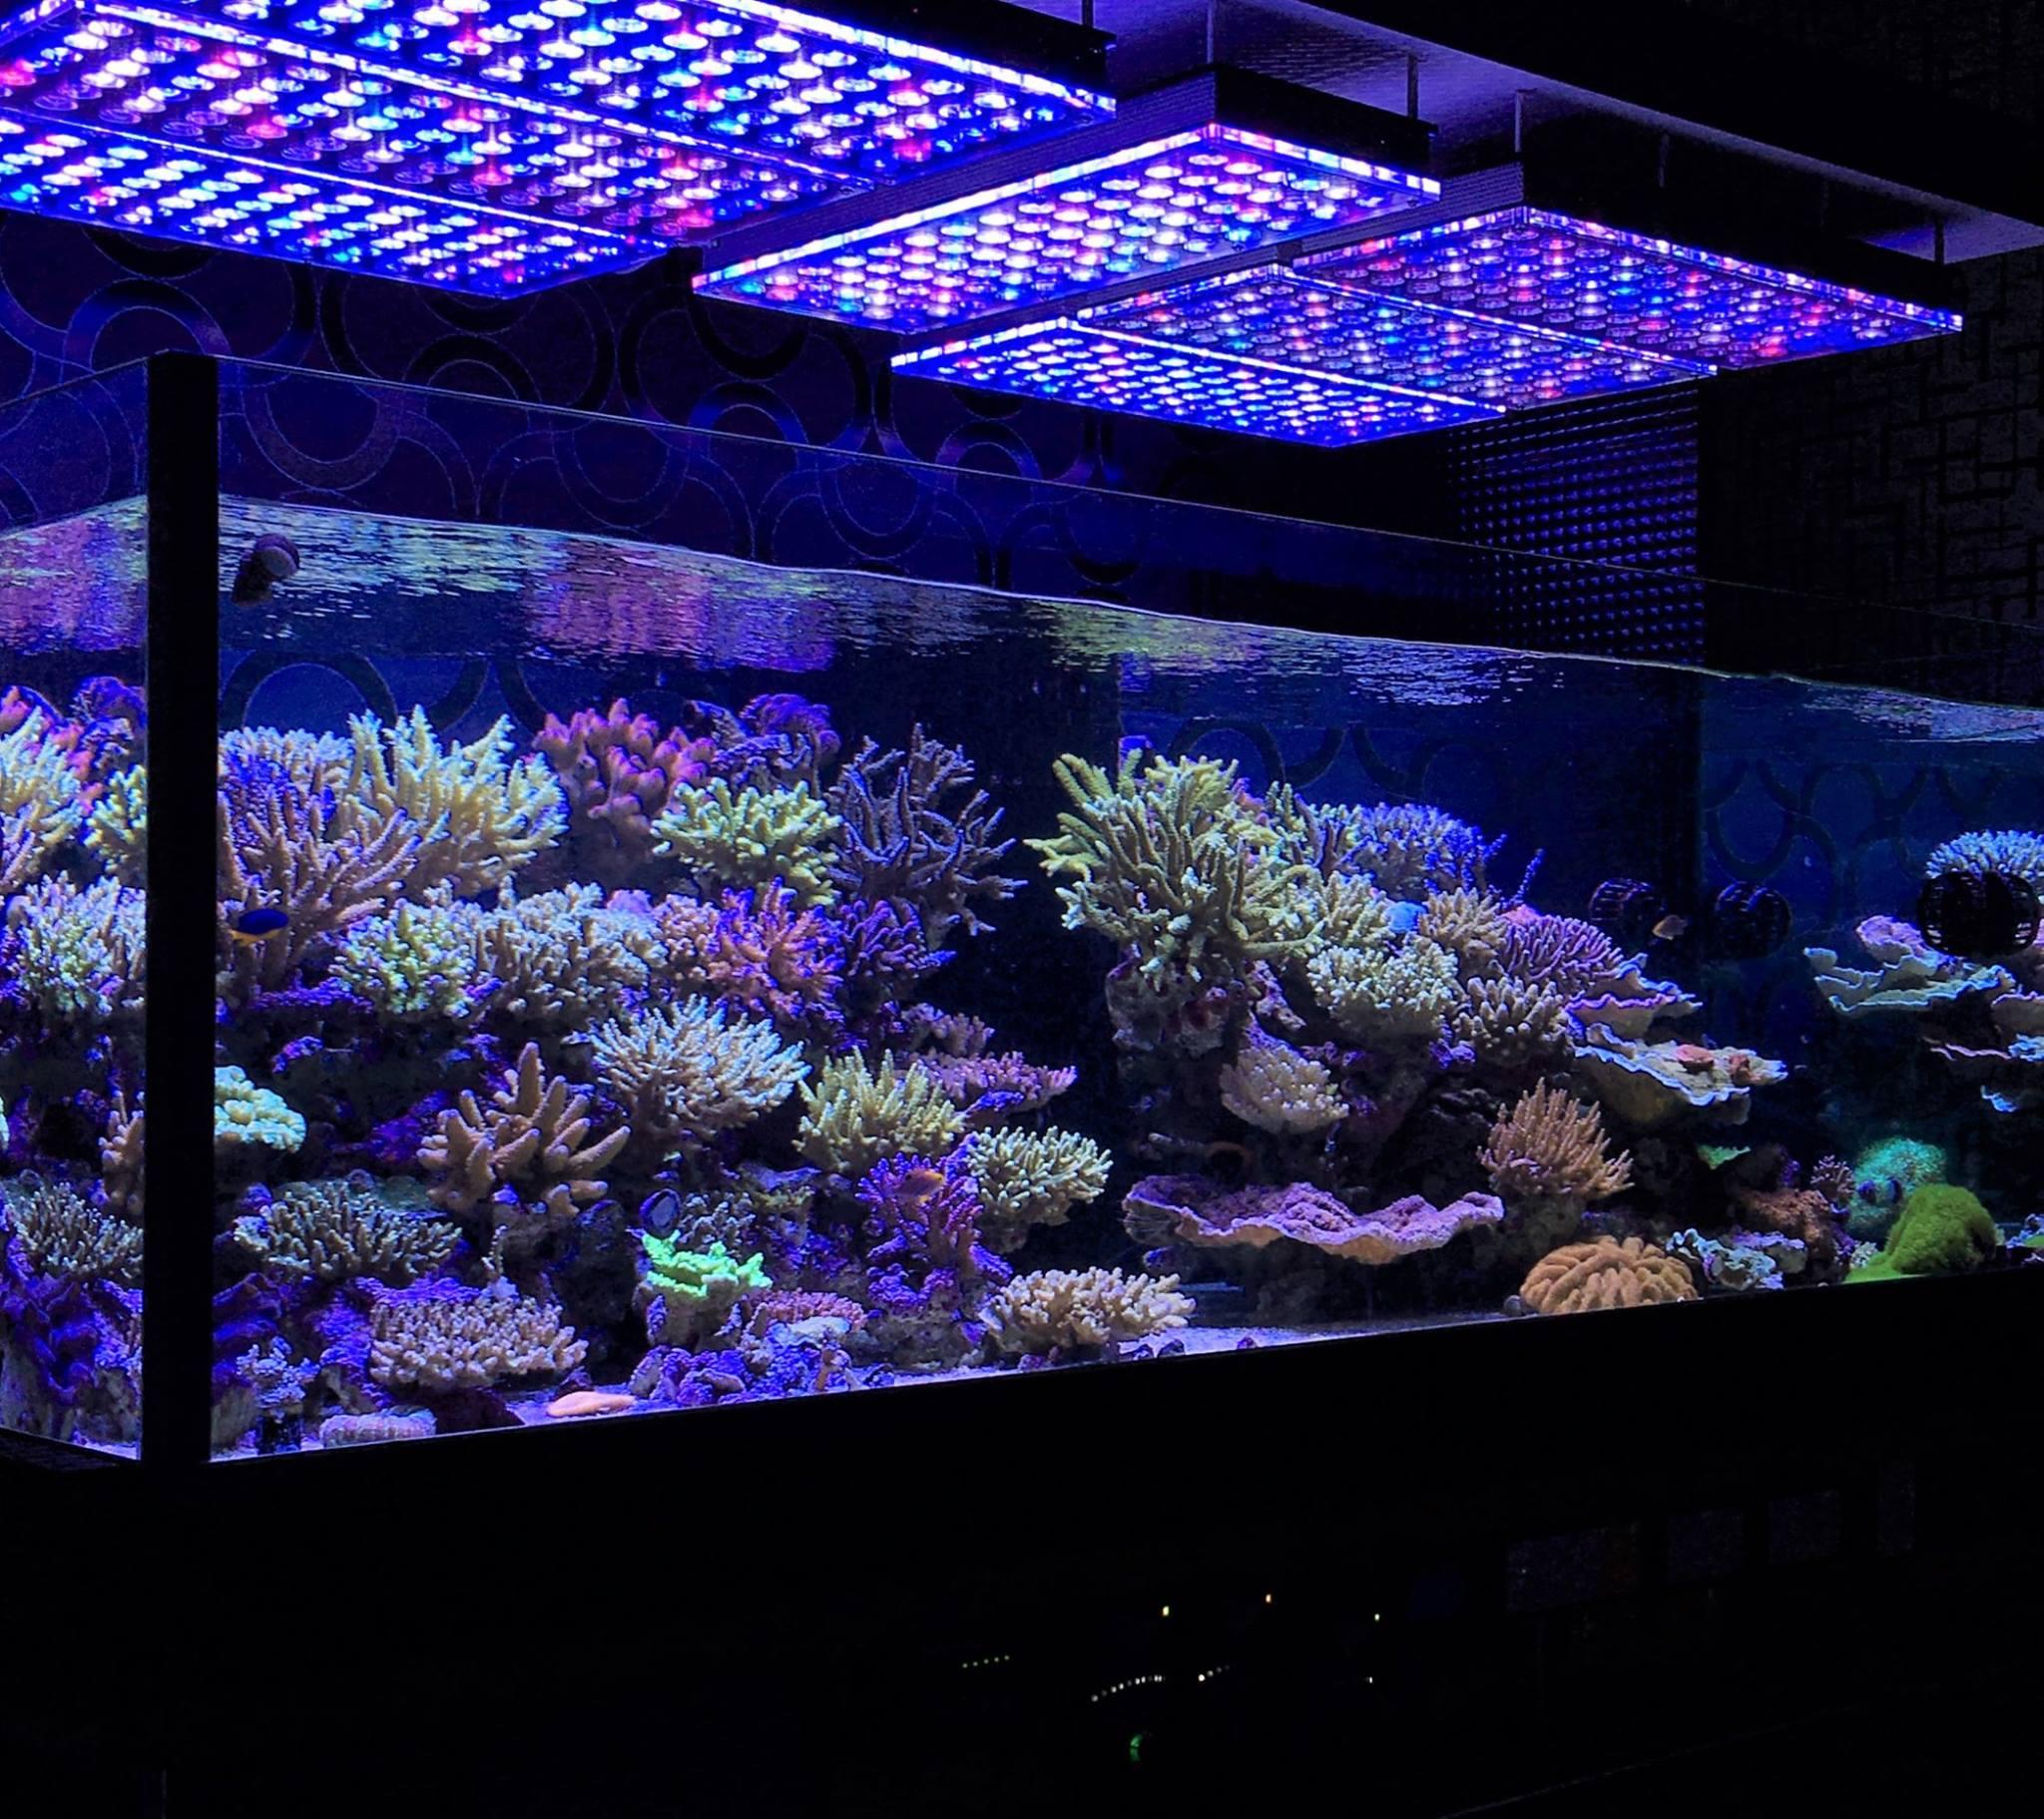 Led aquarium clairage photos reef et planta galerie aquarium orphek - Eclairage led aquarium ...